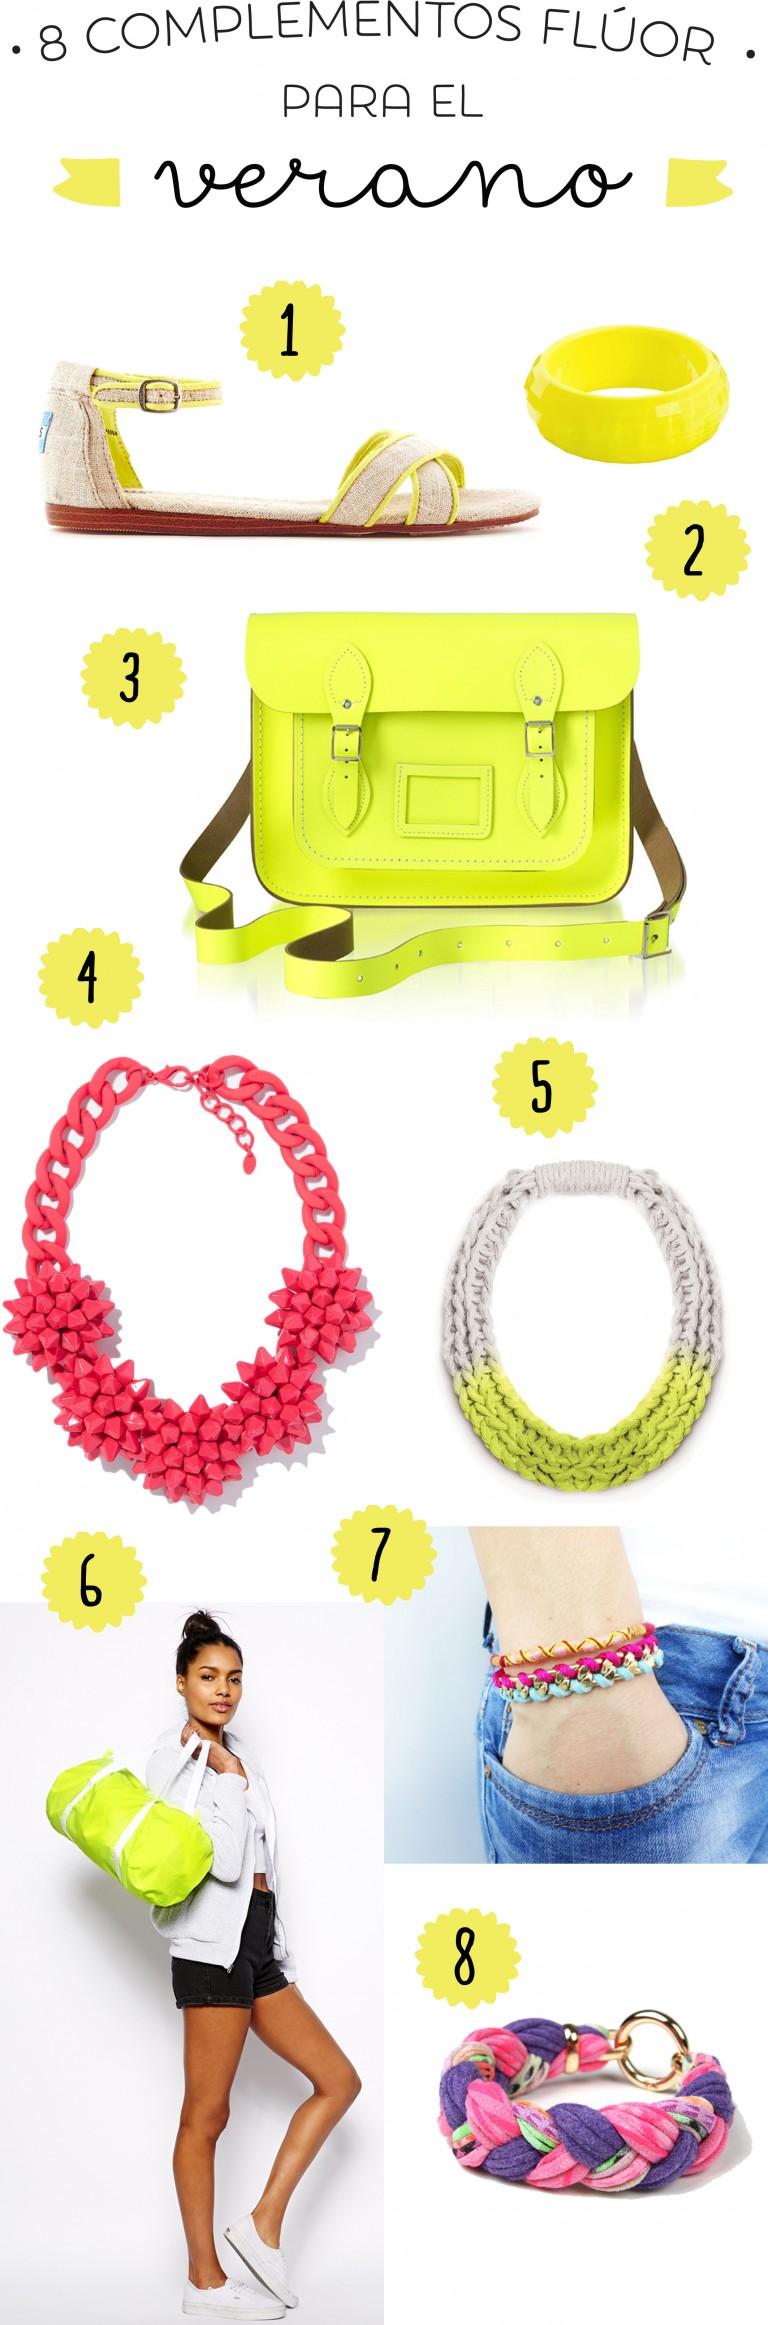 8 complementos flúor para dar color al verano